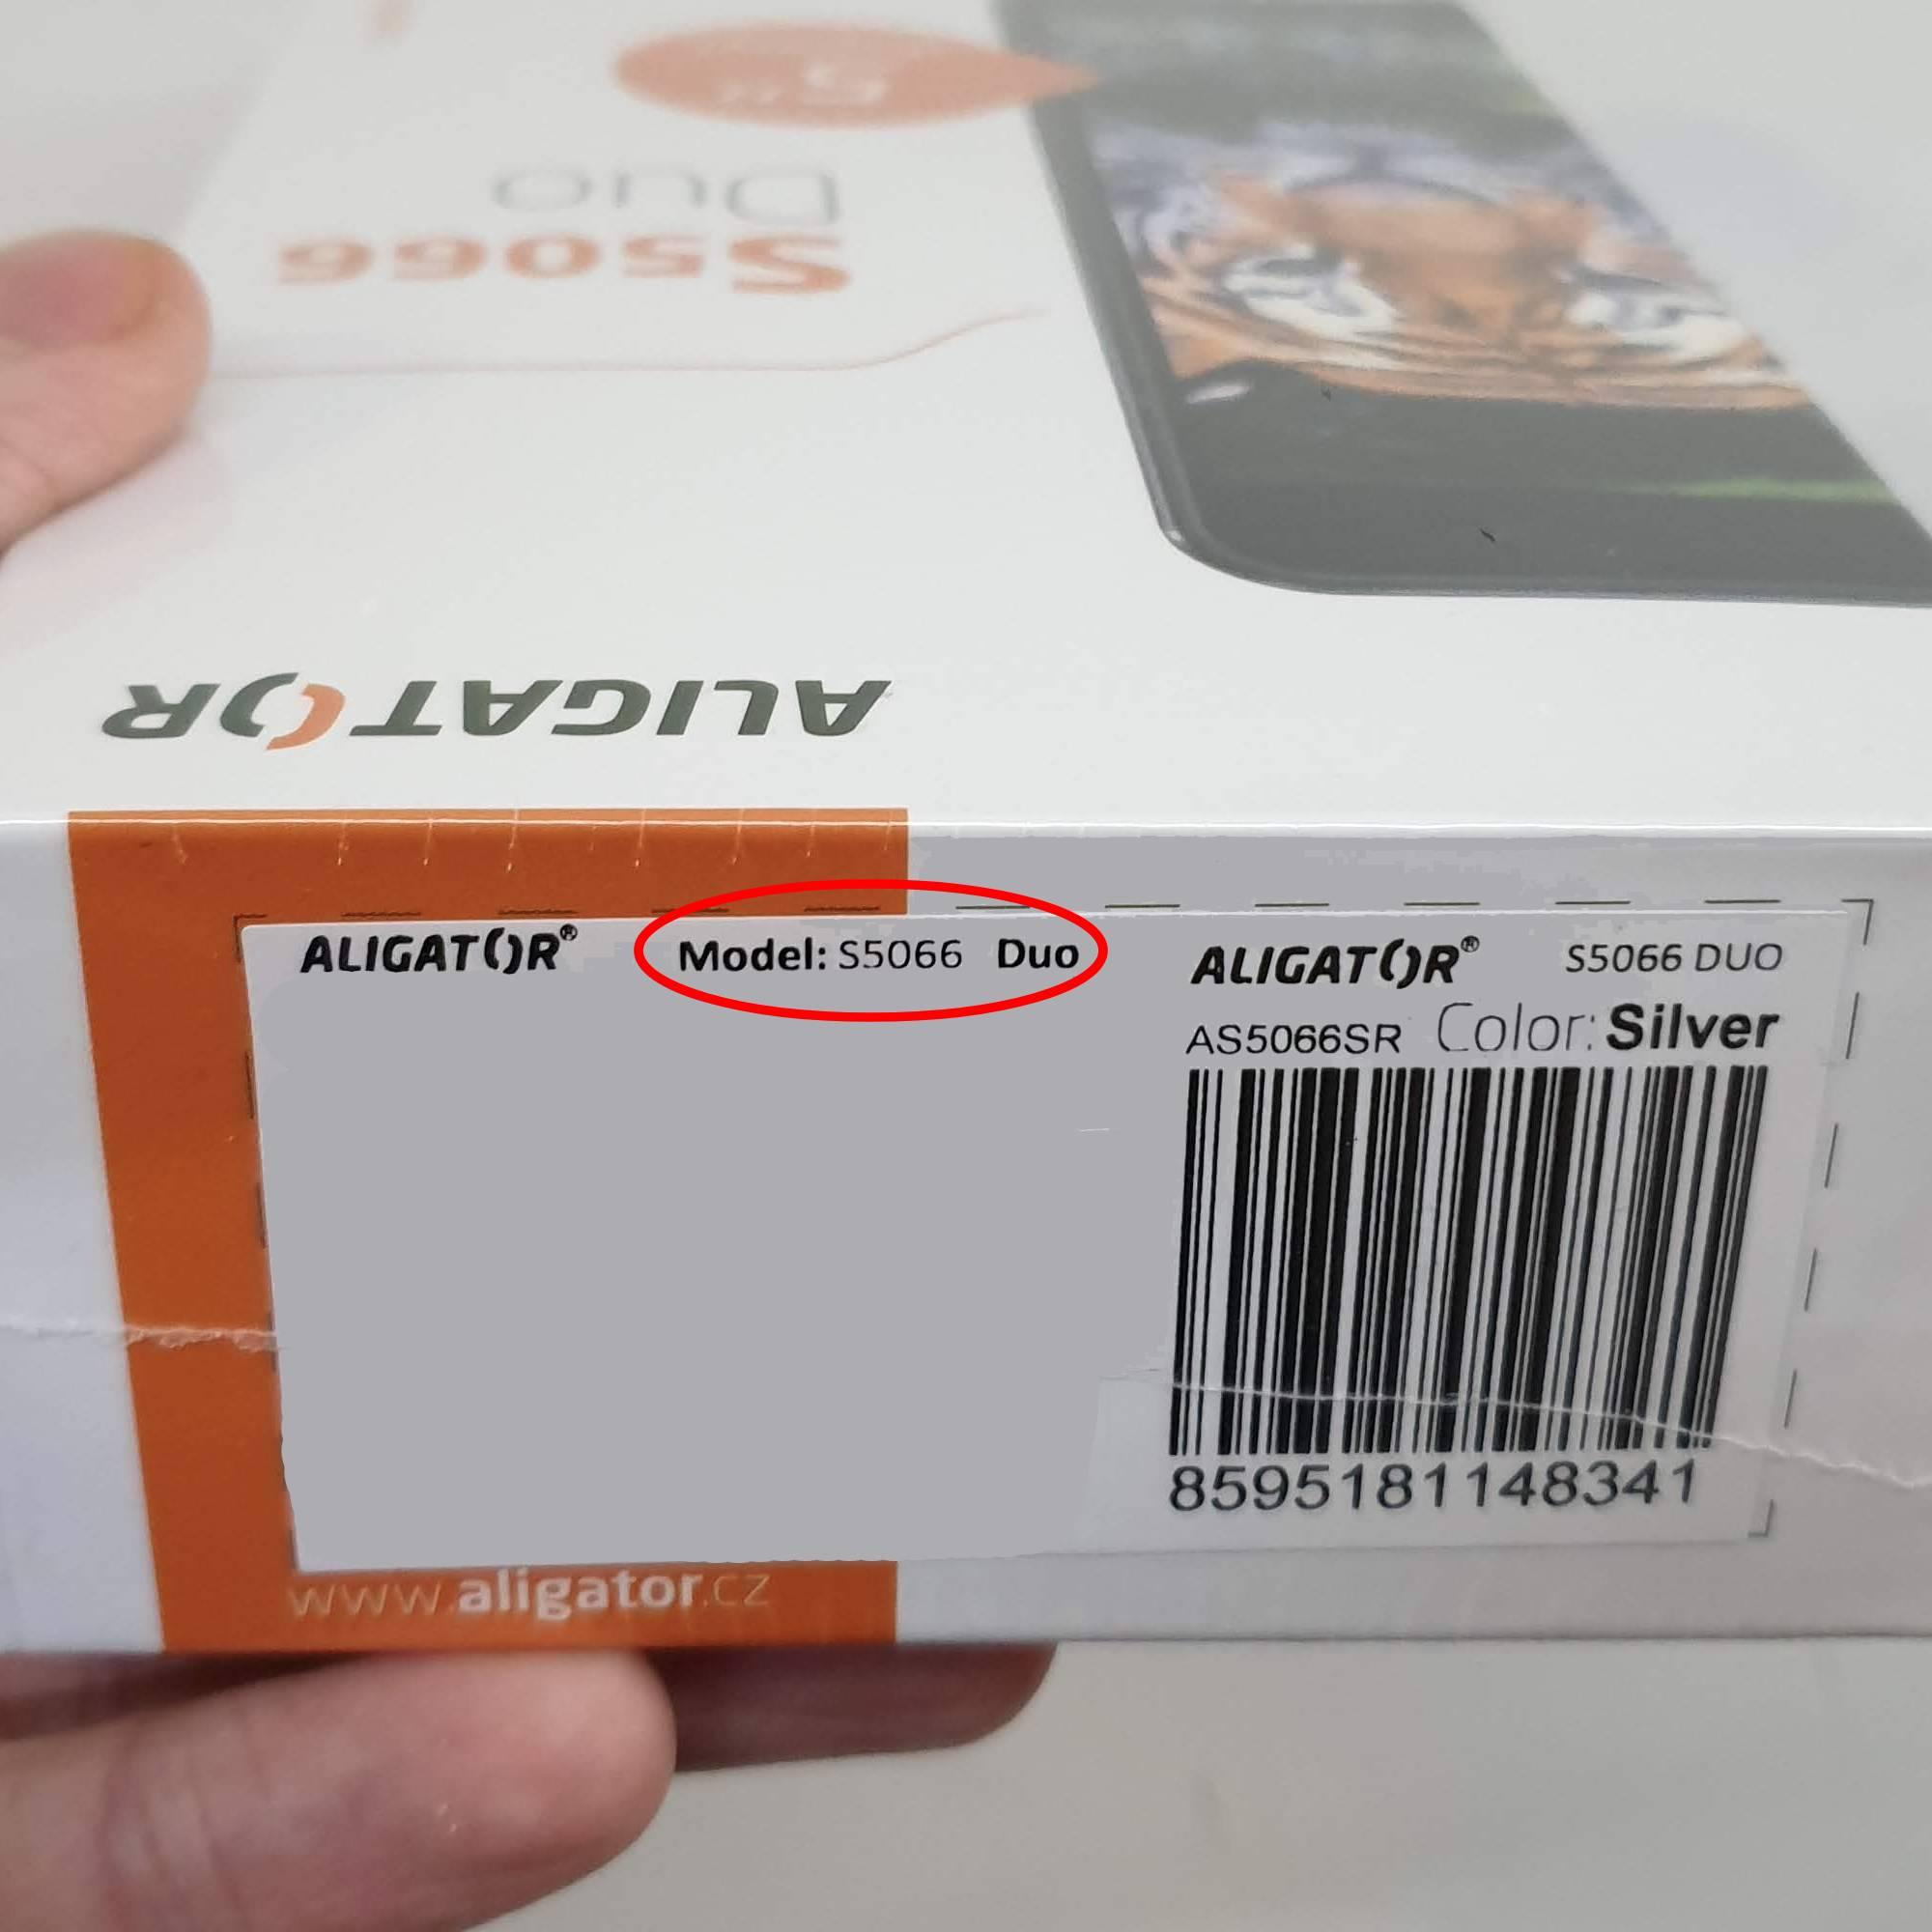 e4cee7248 Každý výrobce to má bohužel trochu jinak, potřebnou informaci ale  pravděpodobně najdete pod označením MODEL či TYPE.